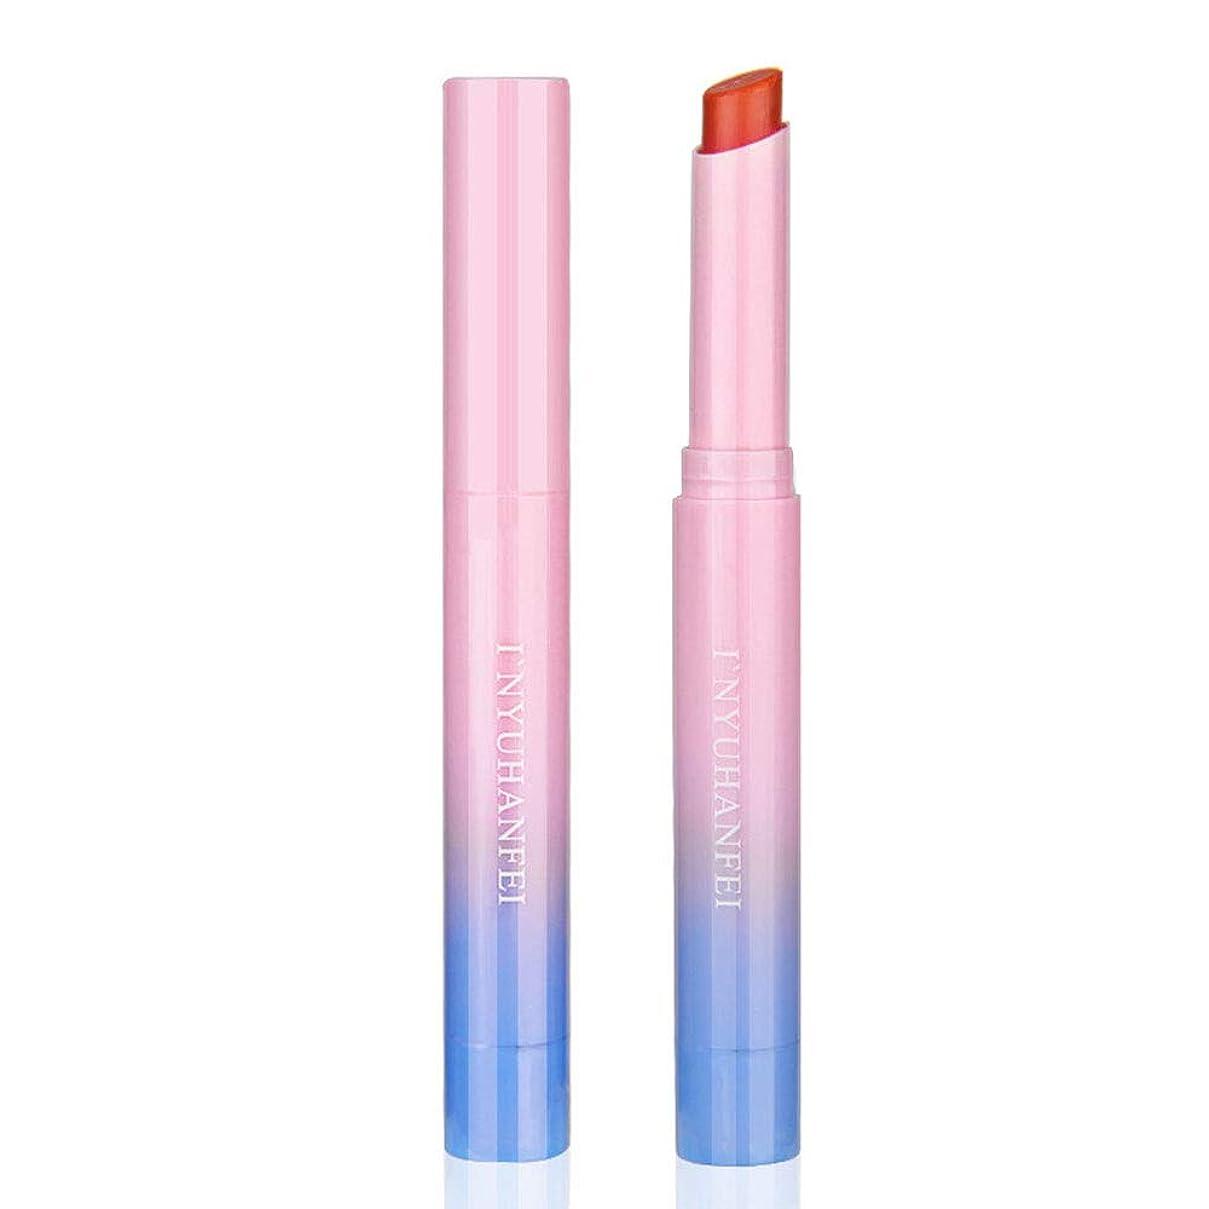 フェザーかる注ぎますFGULリップグロス怠惰な口紅長続きがする化粧品グラデーションカラー回転保湿リップスティック